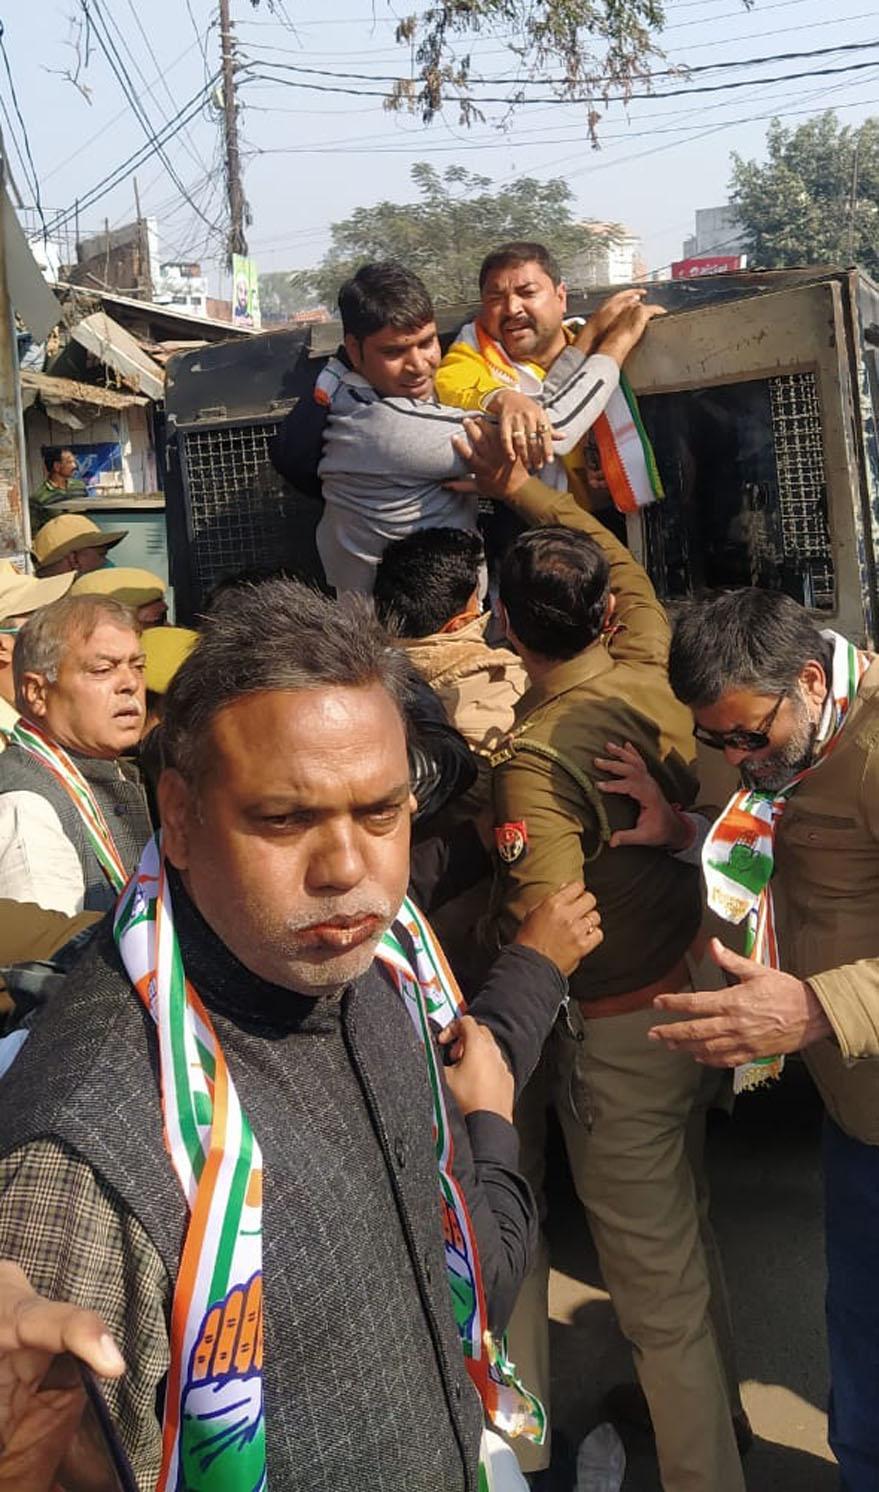 गोरखपुर में किसान संदेश यात्रा निकालते कांग्रेसी गिरफ्तार, पुलिस लाइन ले जाए गए